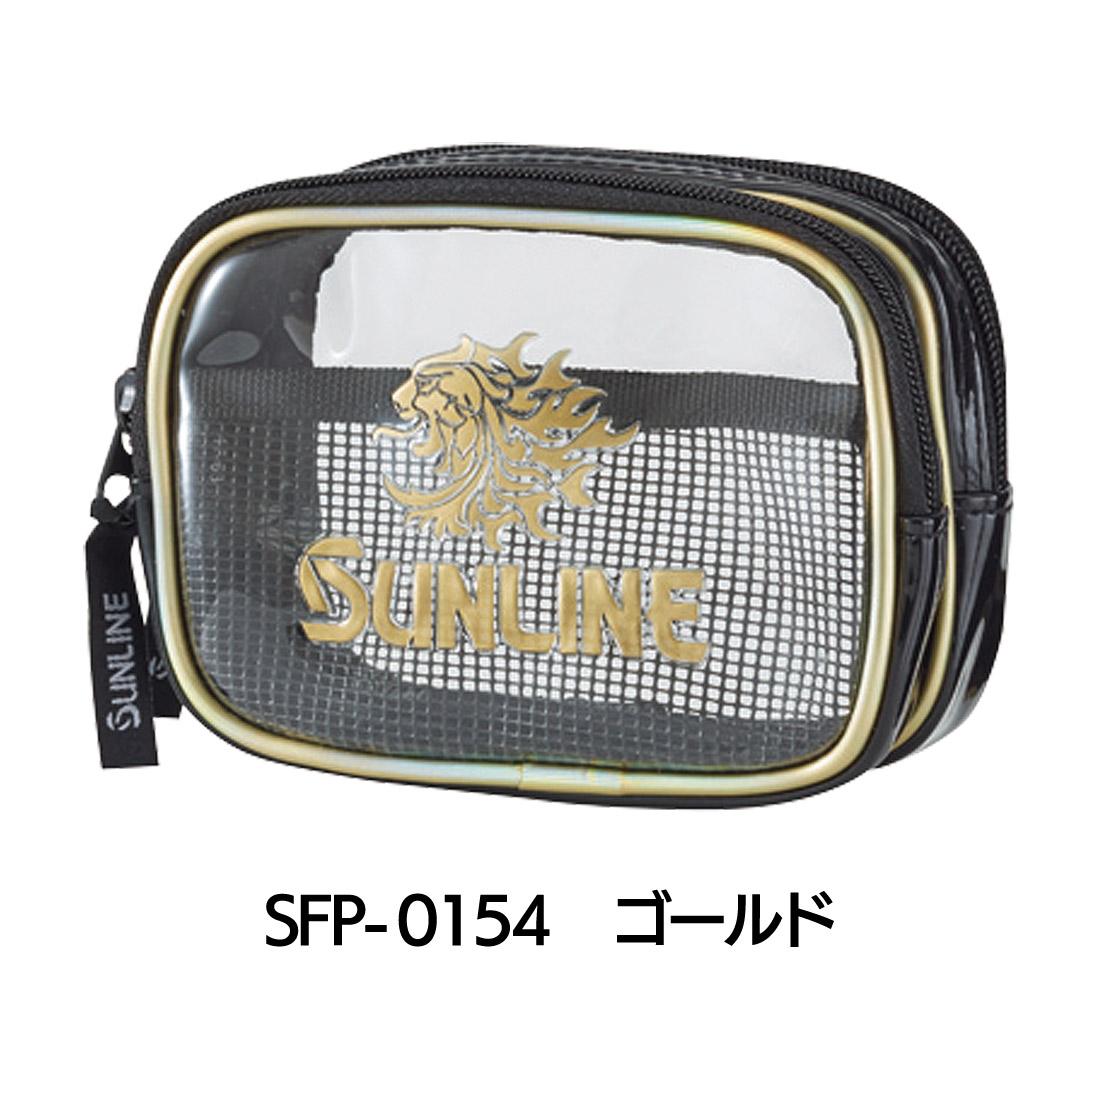 フィッシングポーチ ダブル SFP-0154